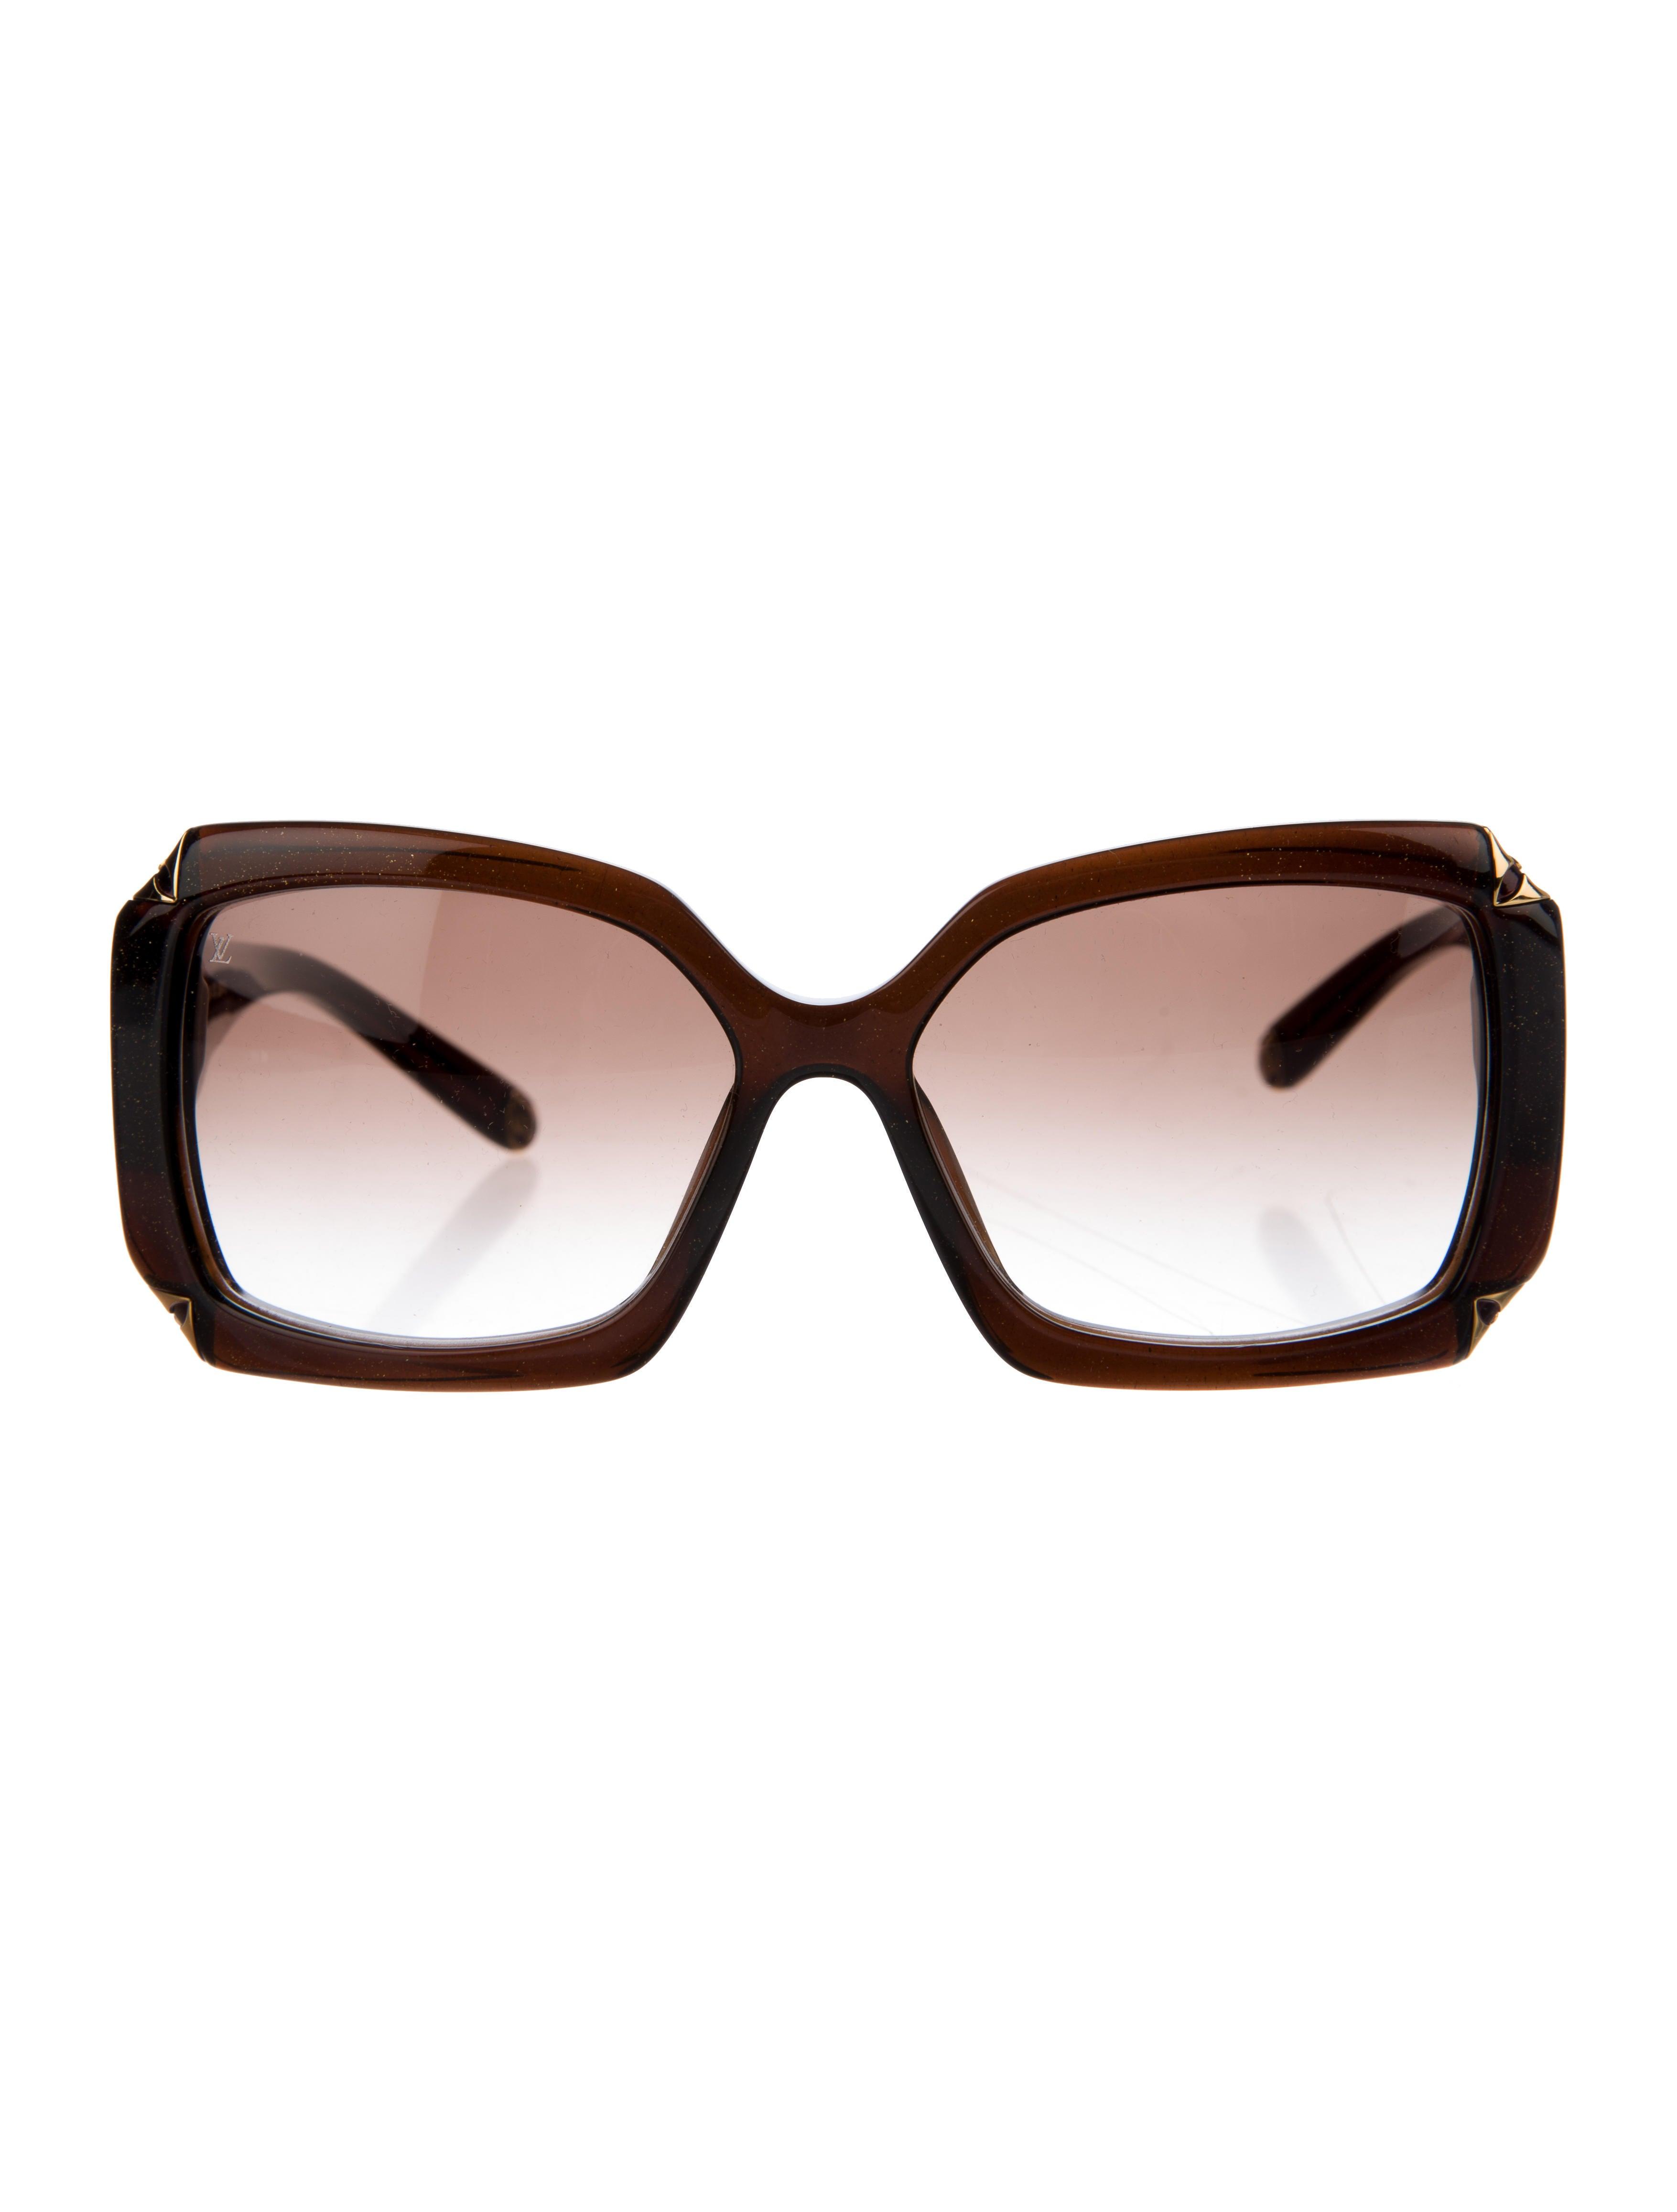 86d94998f5c Women · Accessories  Louis Vuitton Glitter Hortensia Sunglasses. Glitter  Hortensia Sunglasses